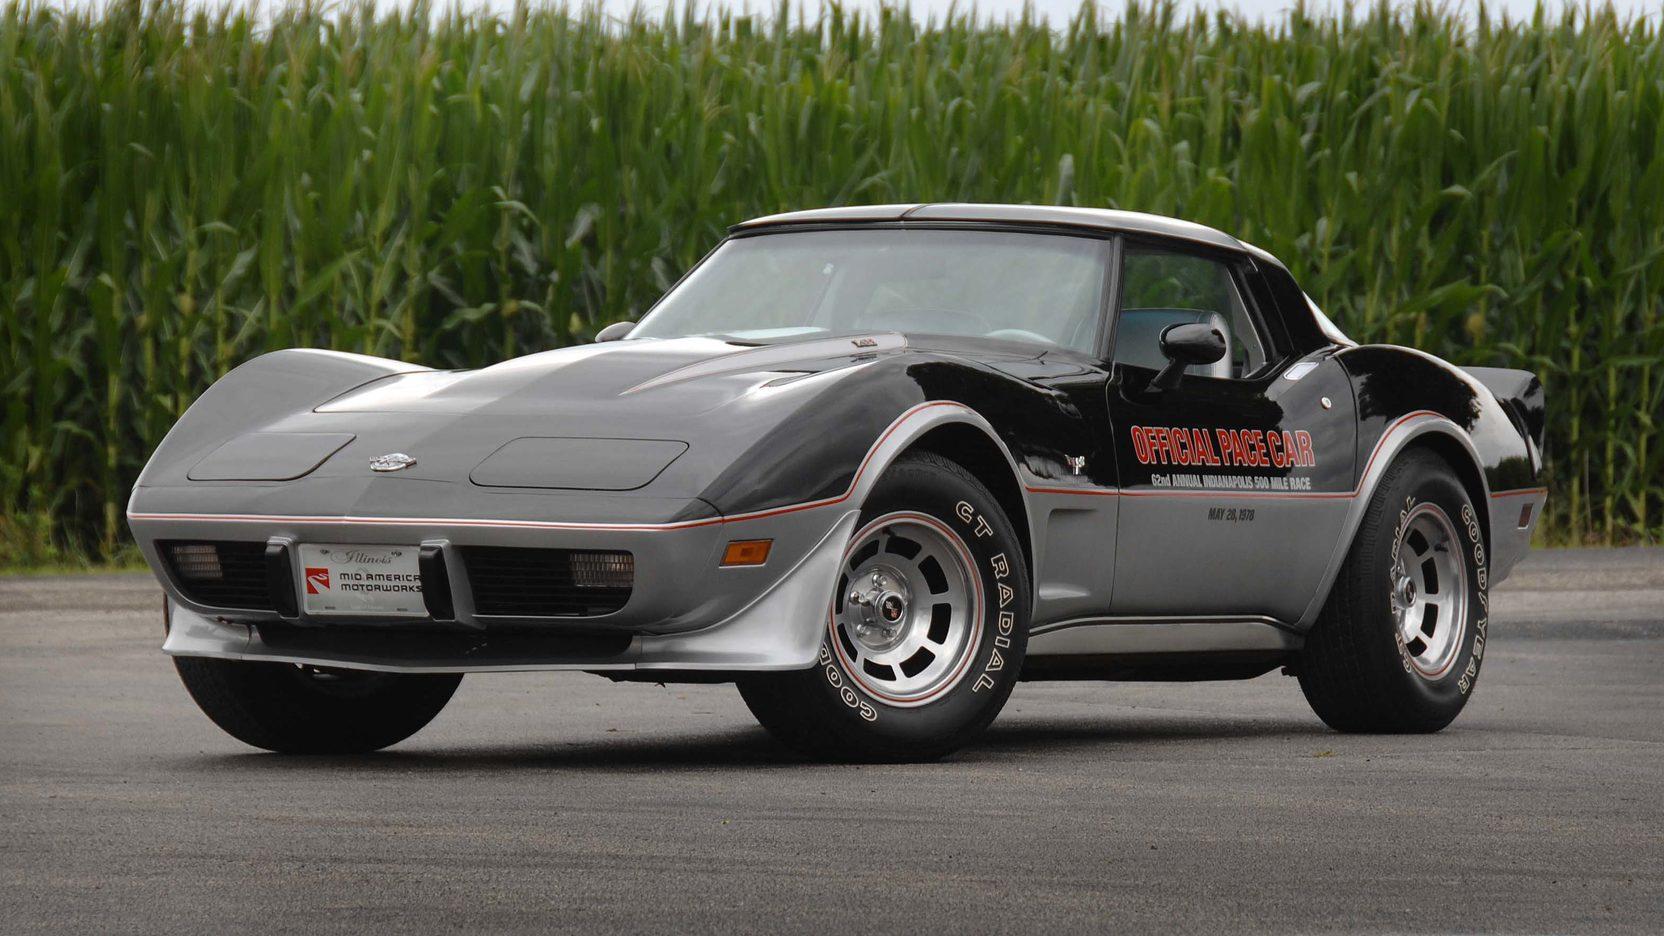 1978 Chevrolet Corvette Pace Car Edition front 3/4